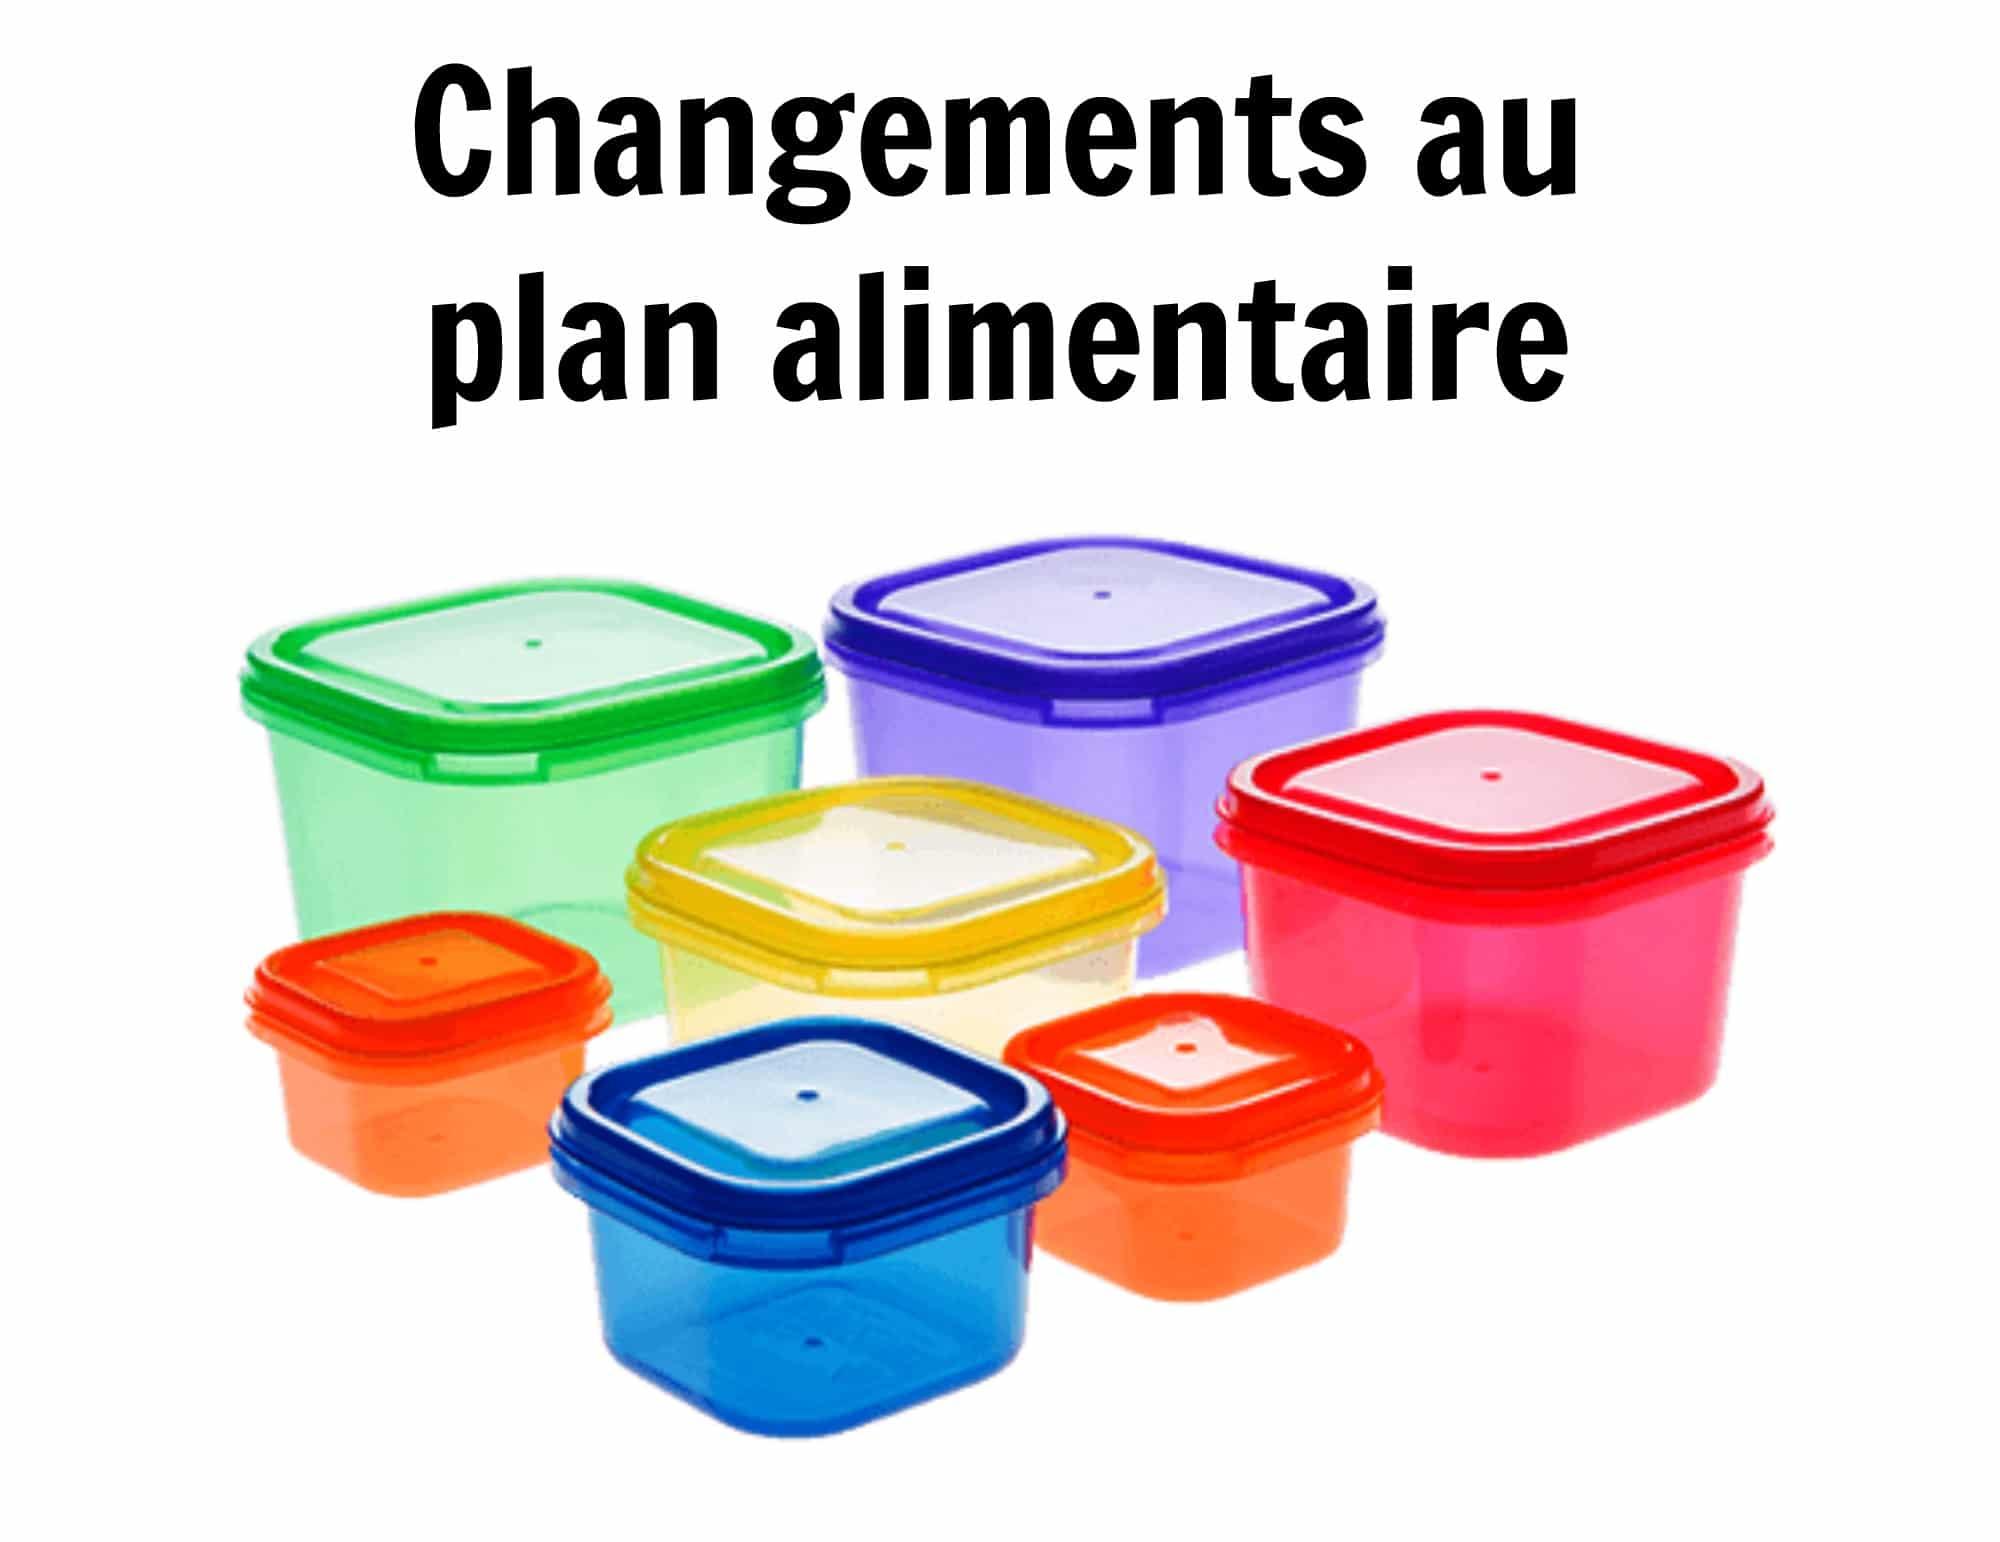 Changements au plan alimentaire : breuvages et gâteries